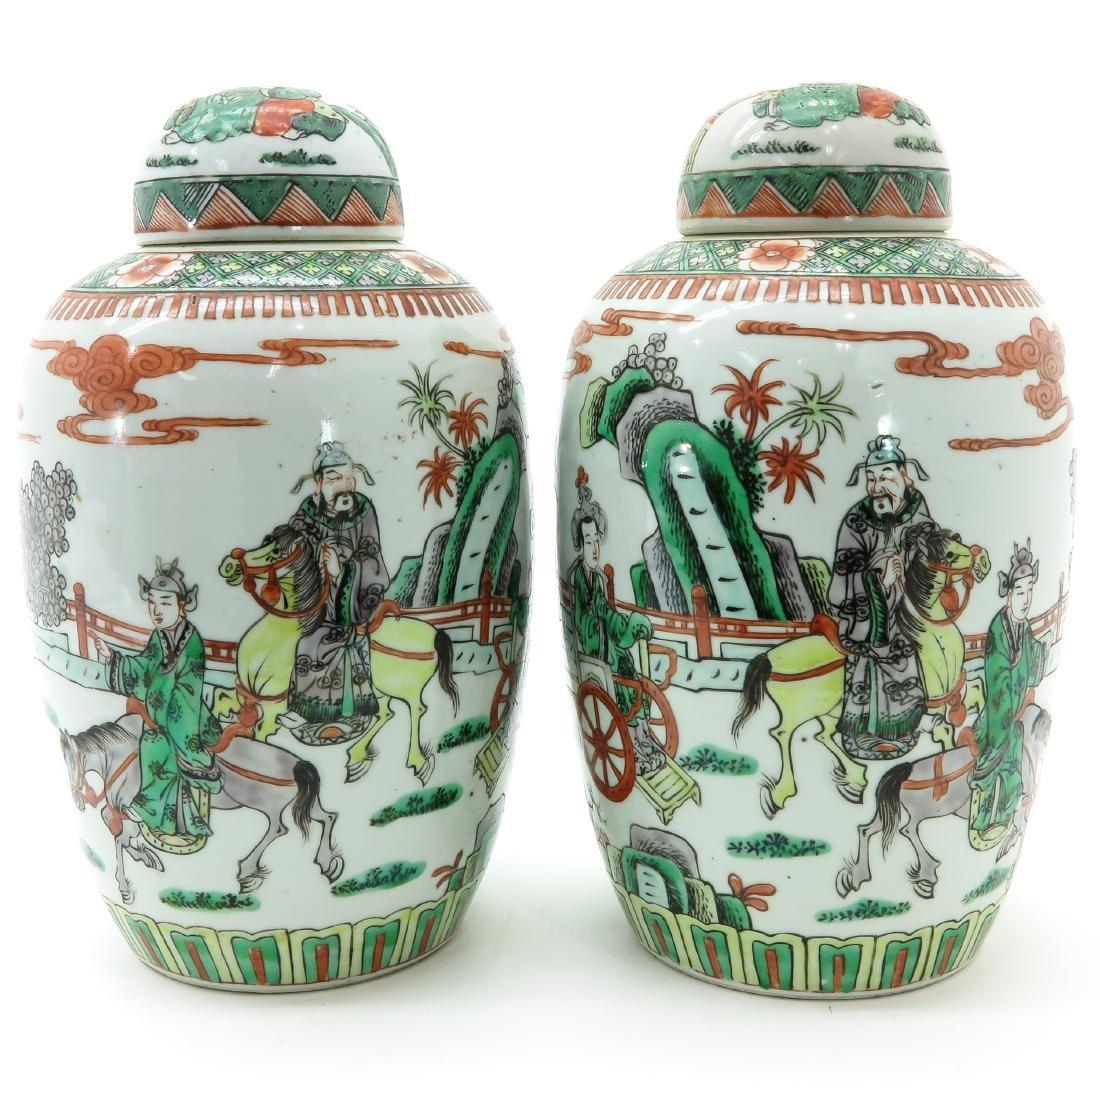 A Pair of Famille Verte Decor Ginger Jars